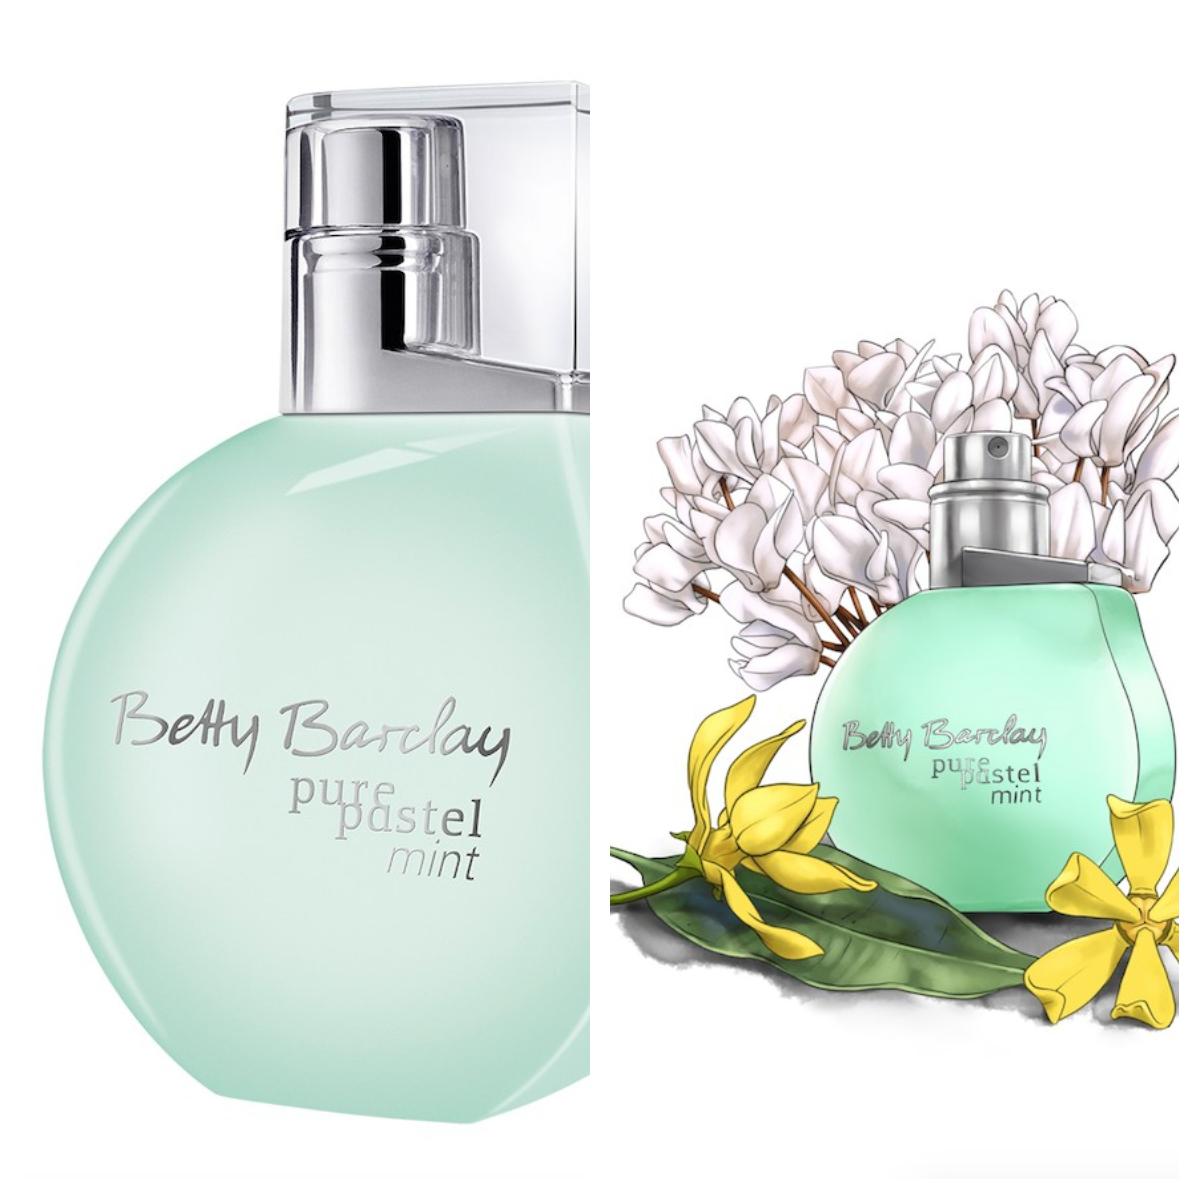 Betty Barclay pure pastel mint<br />stílus: vidám, gyengéd, megbízható<br />illatvilág: friss, virágos, púderes<br />szín: álomszép mentazöld,<br />diszkrét és finom<br />